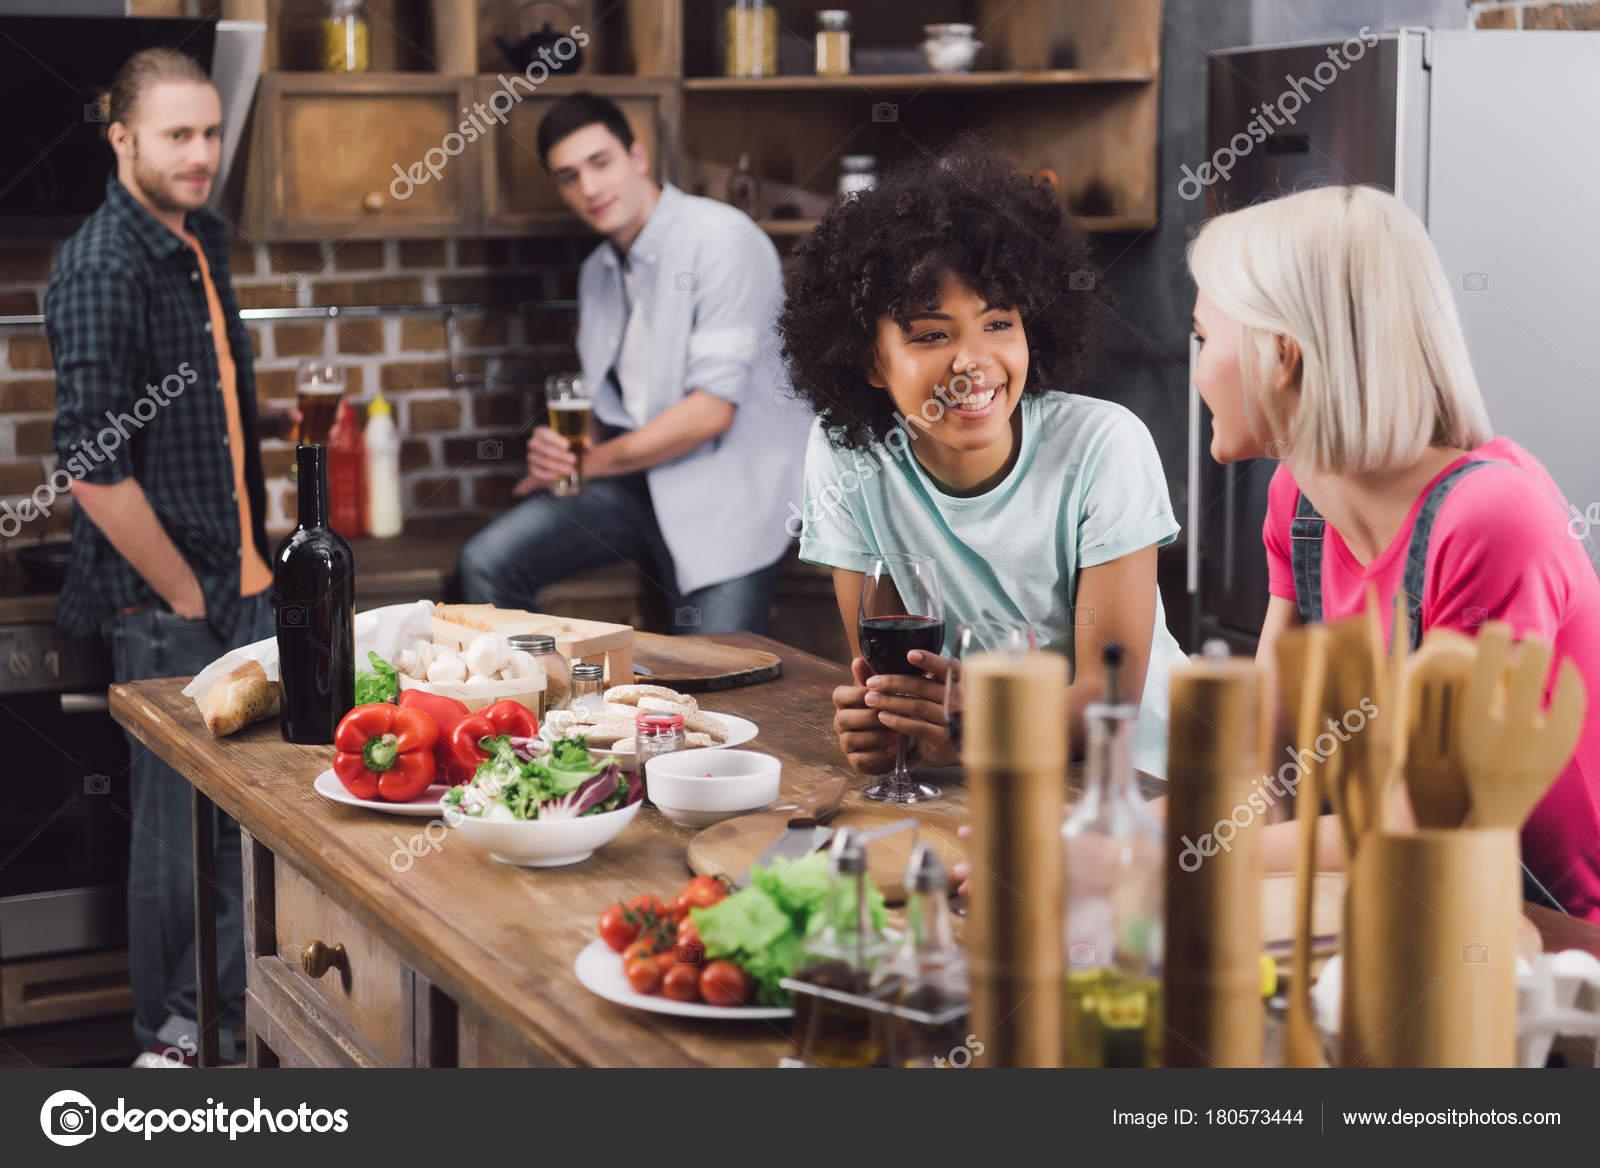 Багатоетнічне Дівчаток Говорити Кухні Вином Чоловіки Друзі Дивлячись ... 94b5e6f4f6706